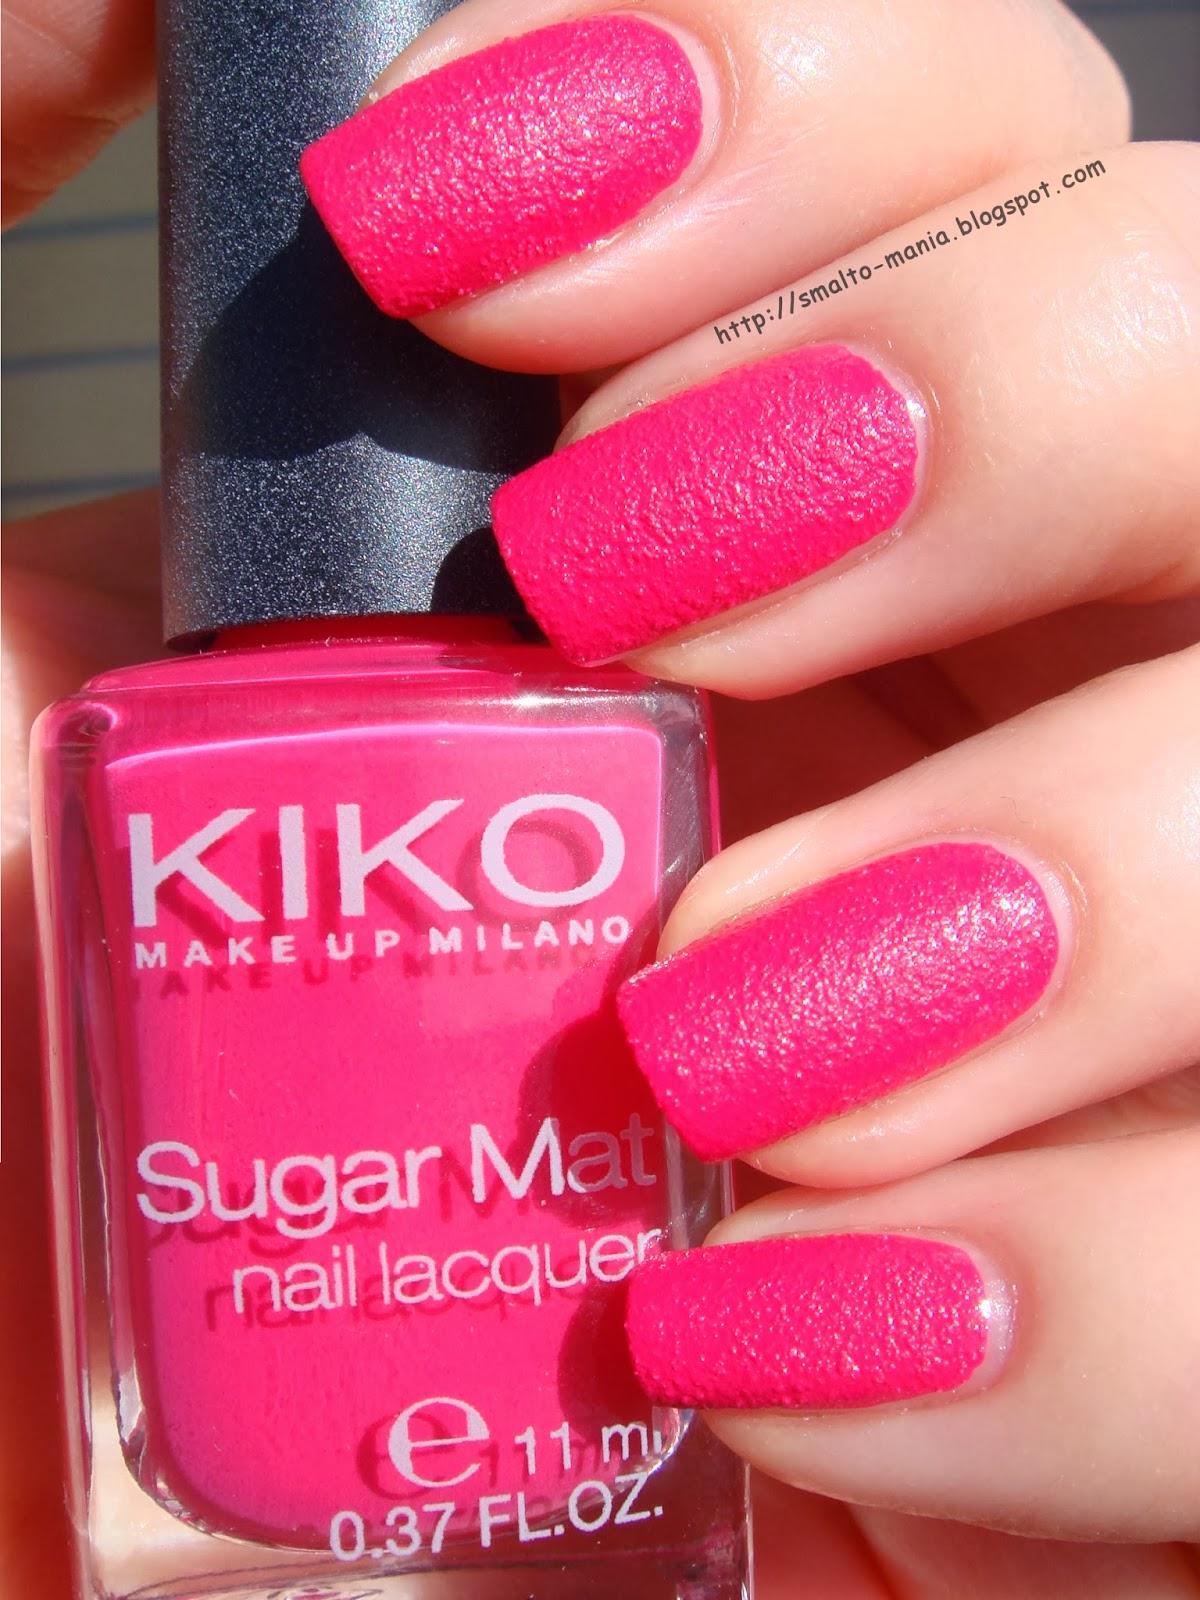 Kiko Sugar Mat n.633 Magenta